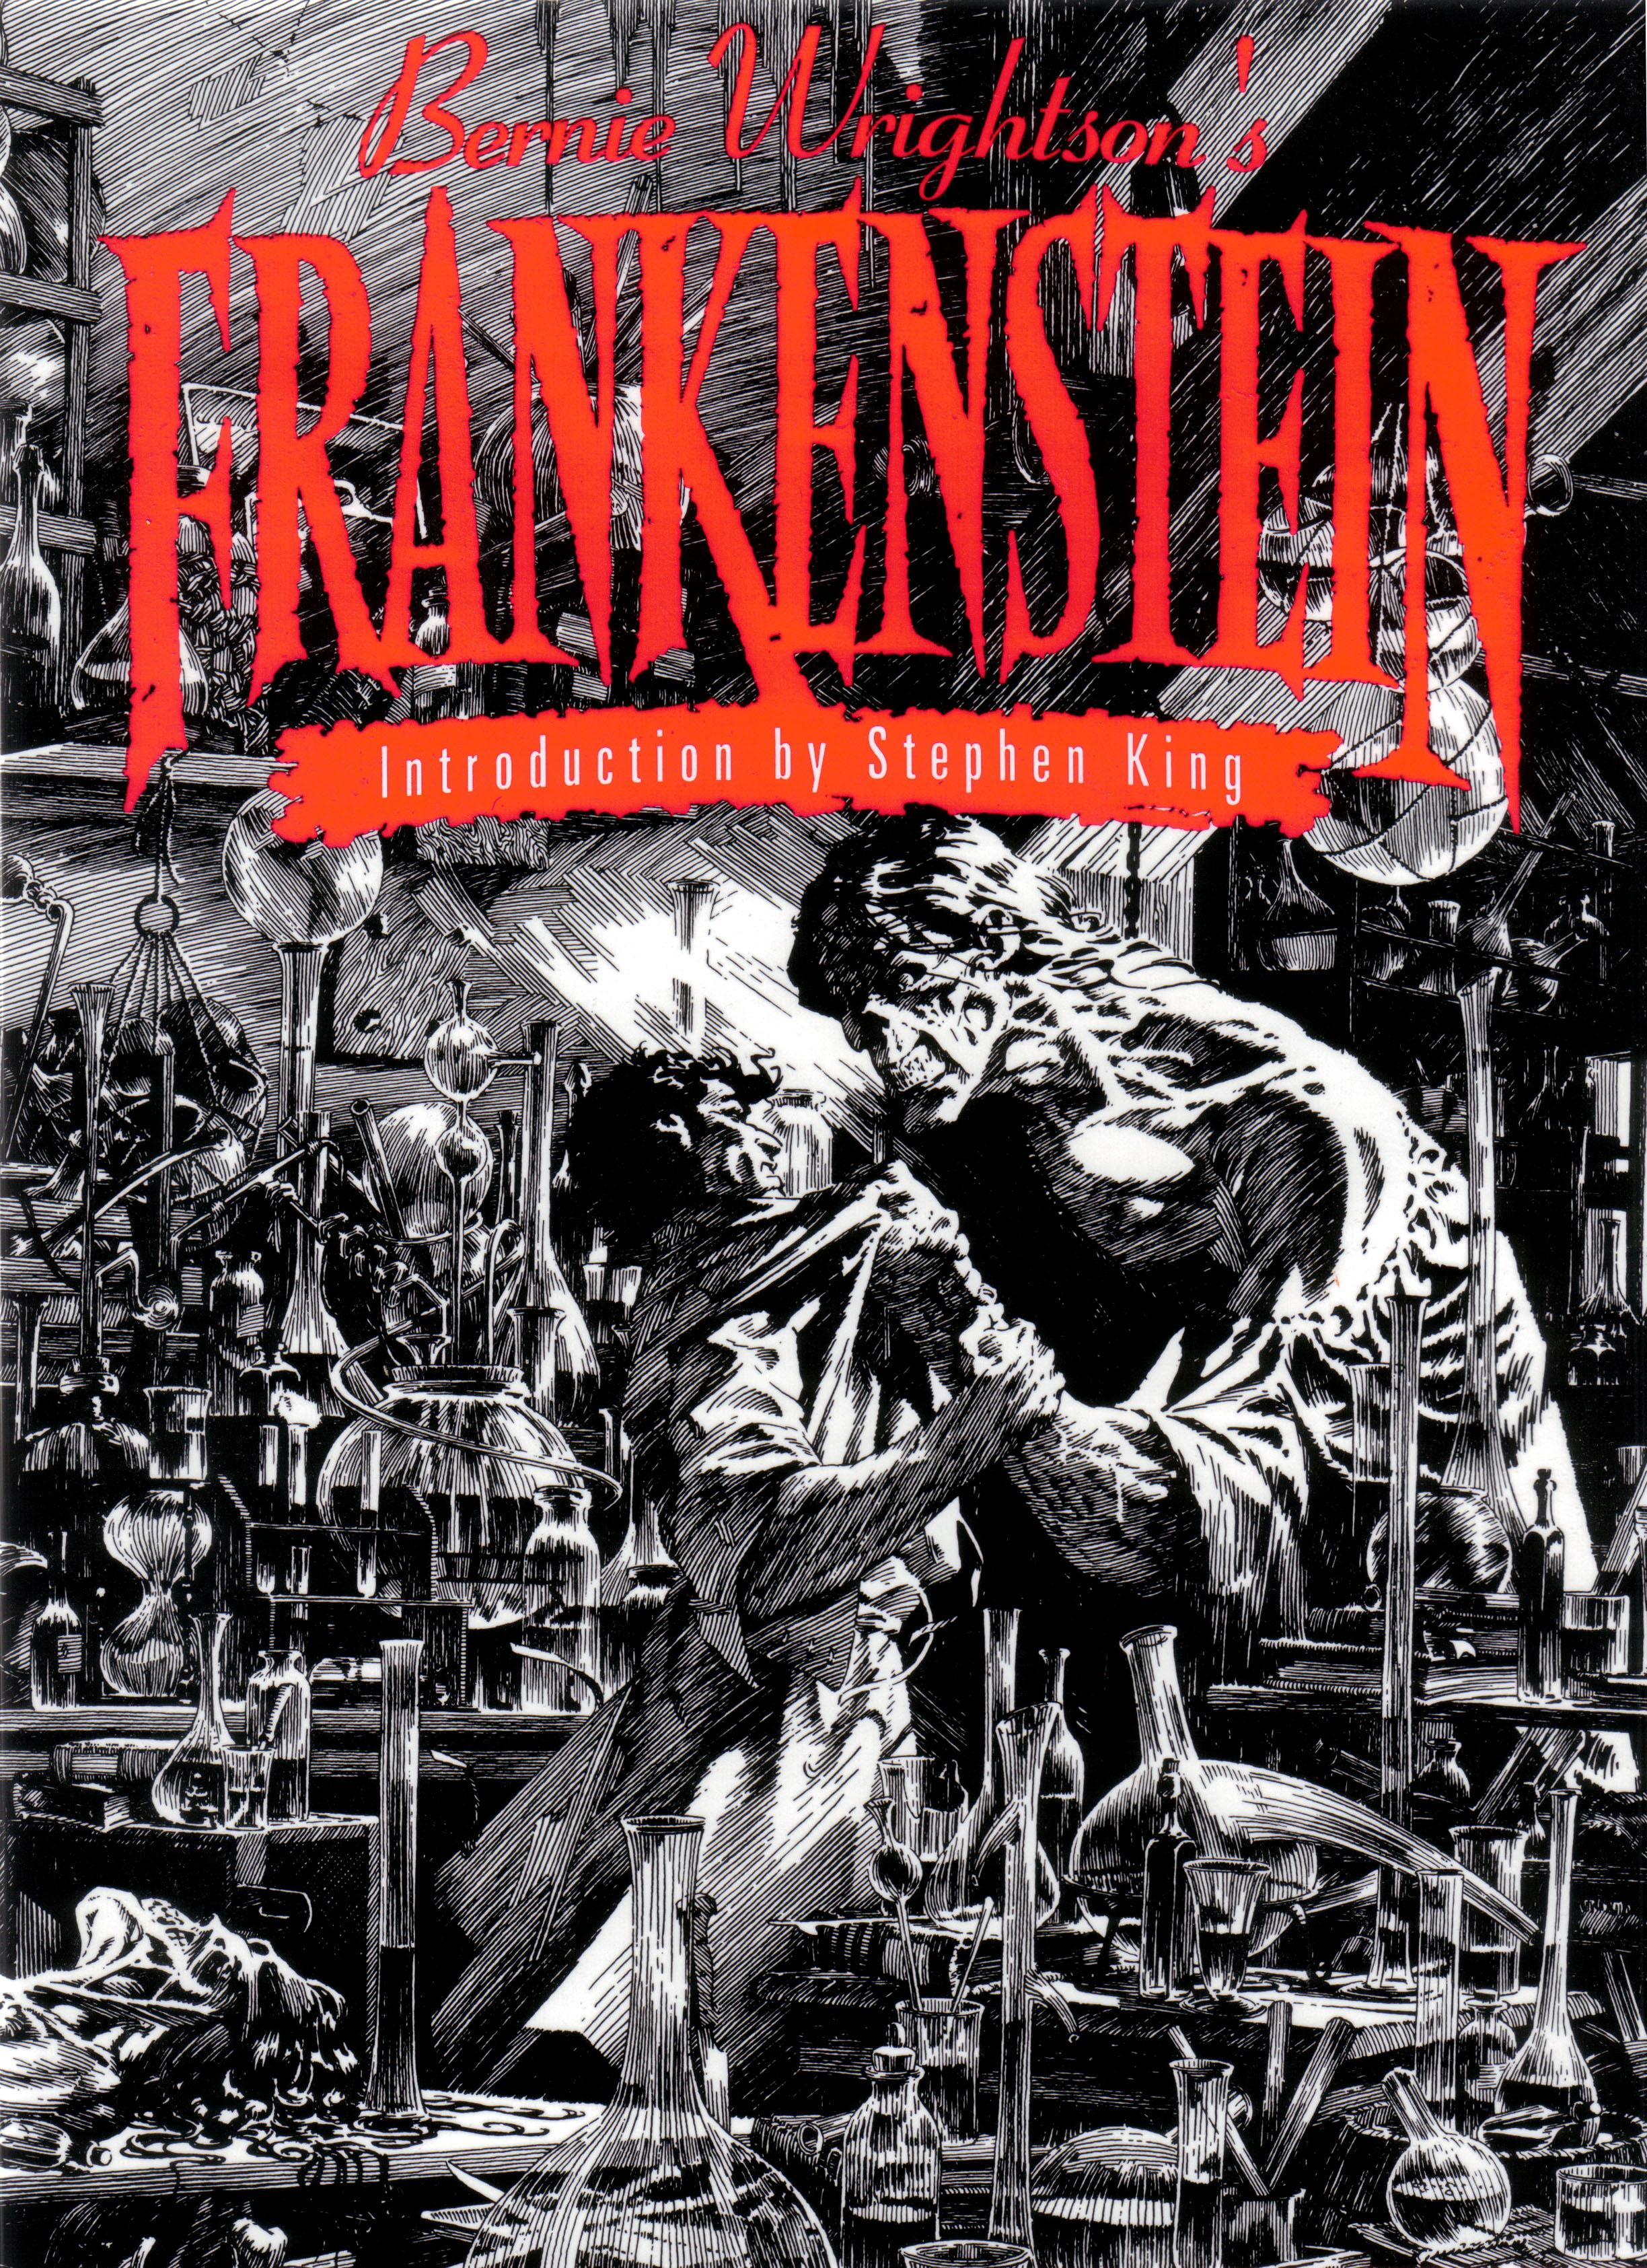 Read online Bernie Wrightson's Frankenstein comic -  Issue # Full - 1